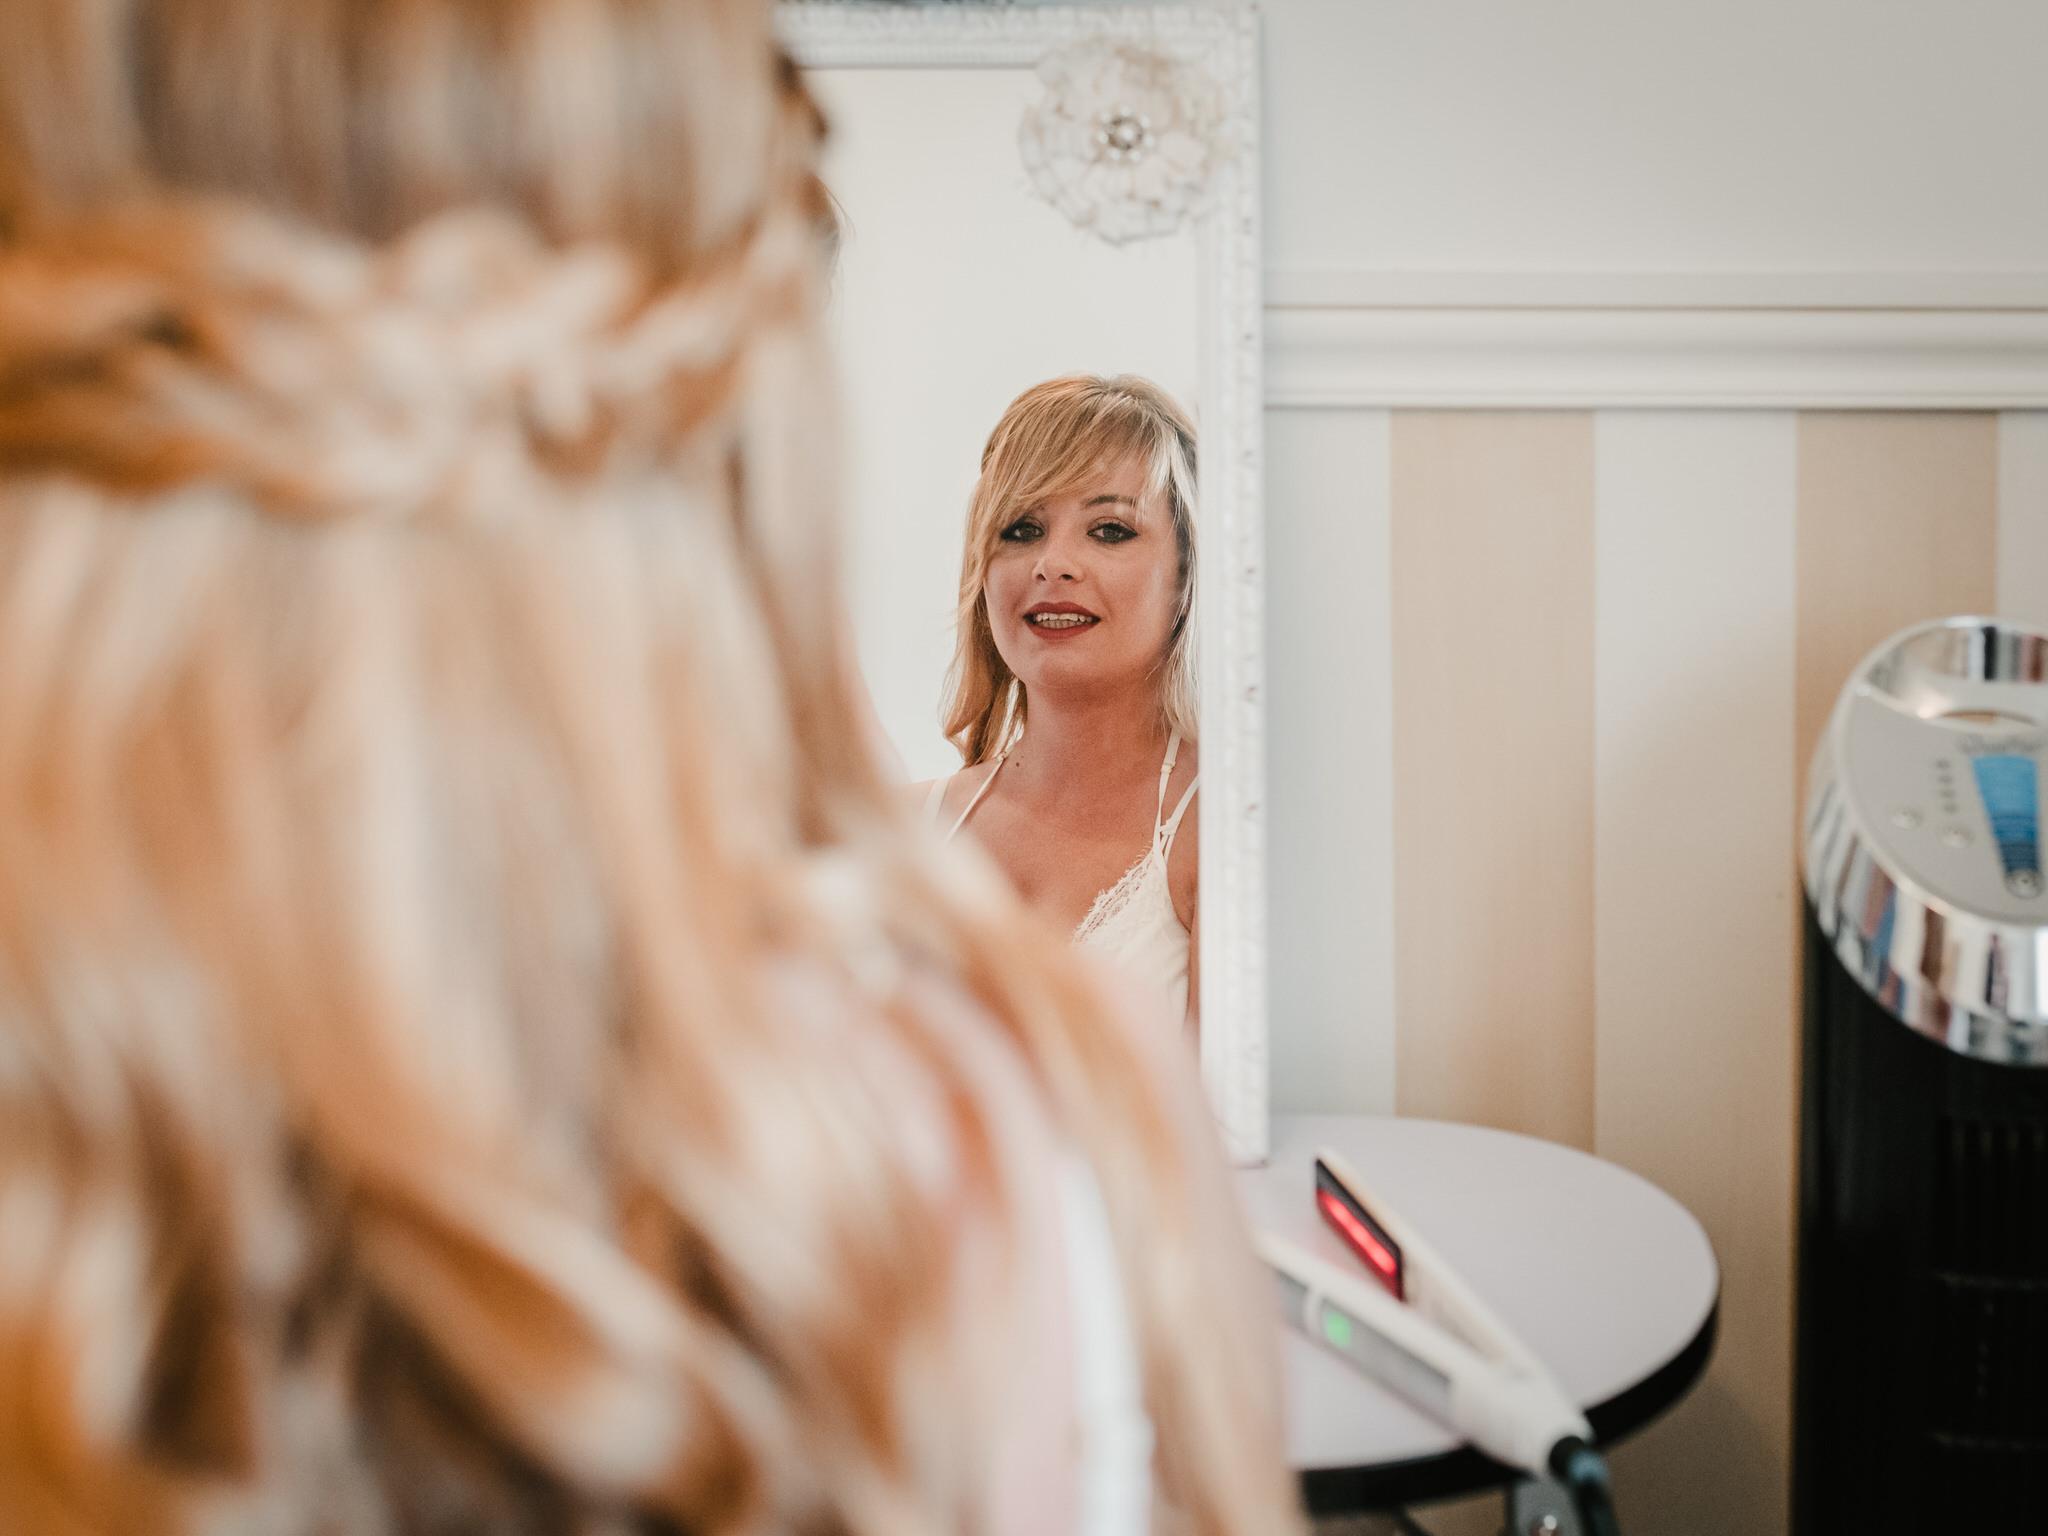 espejo-peinado